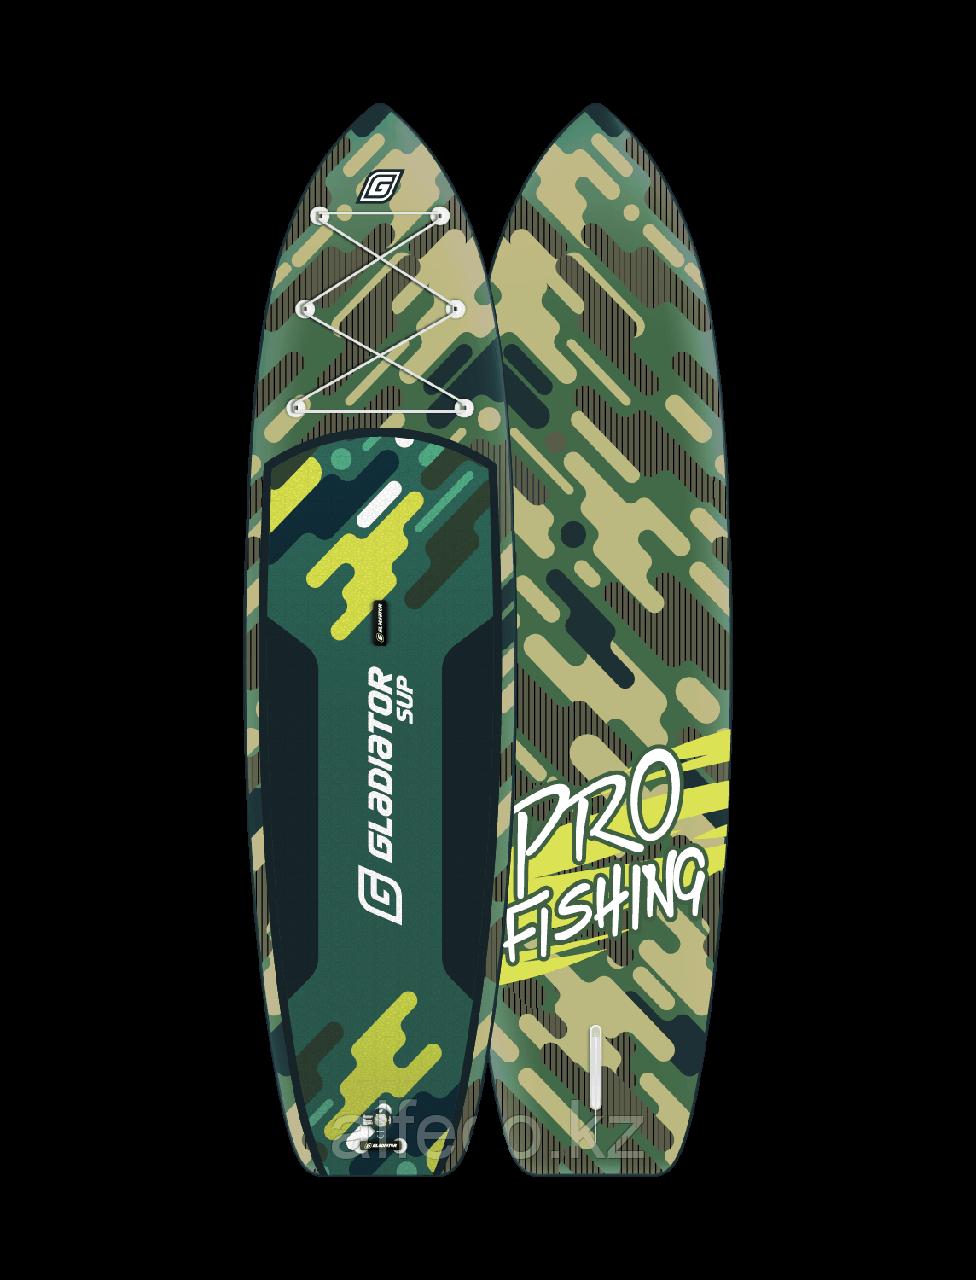 Надувная доска для сап-бординга Gladiator FISHING PRO 12,6 2020